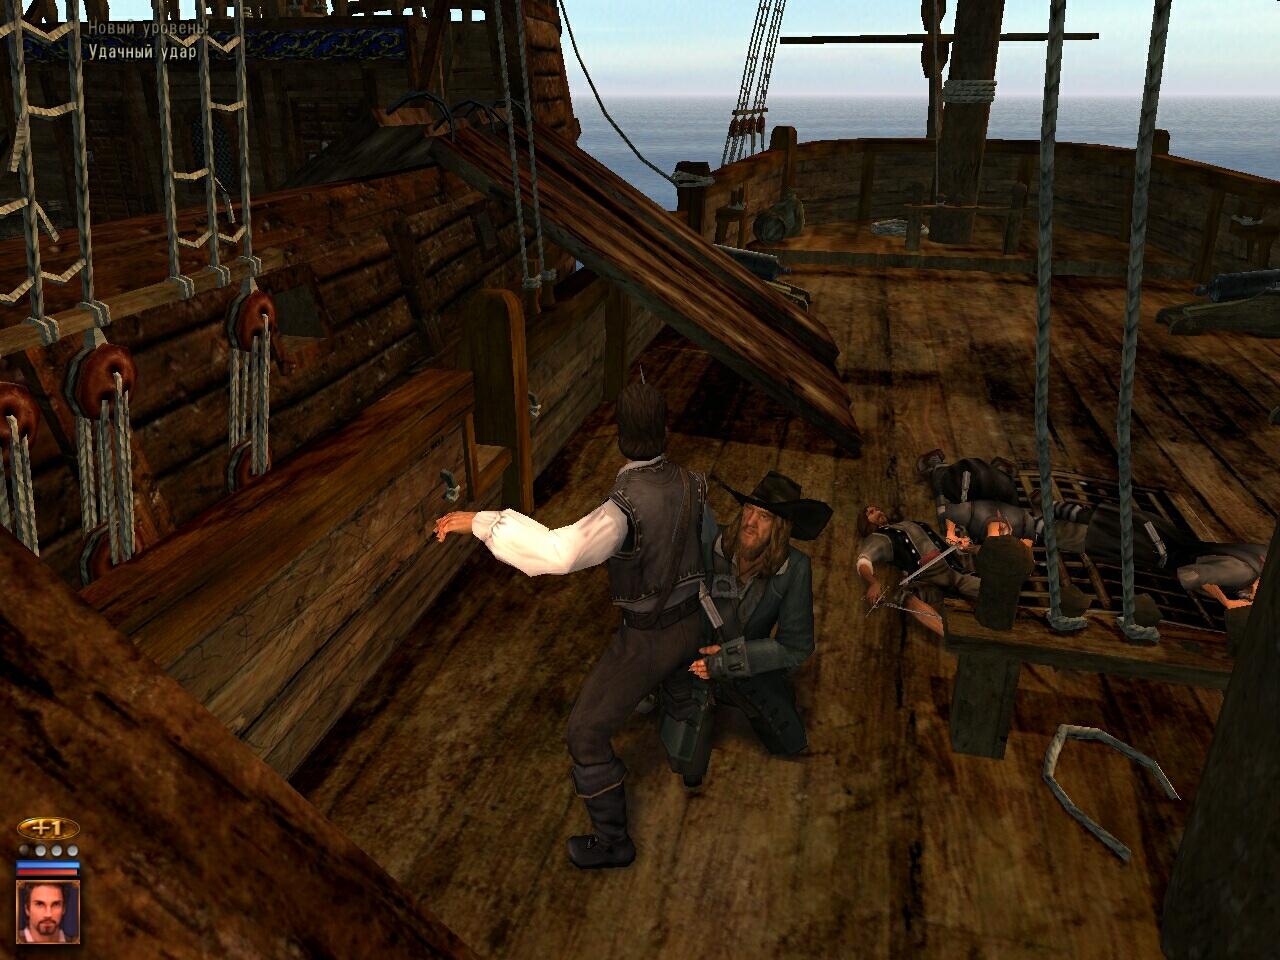 Корсары 2: пираты карибского моря (2003) rus скачать через торрент.